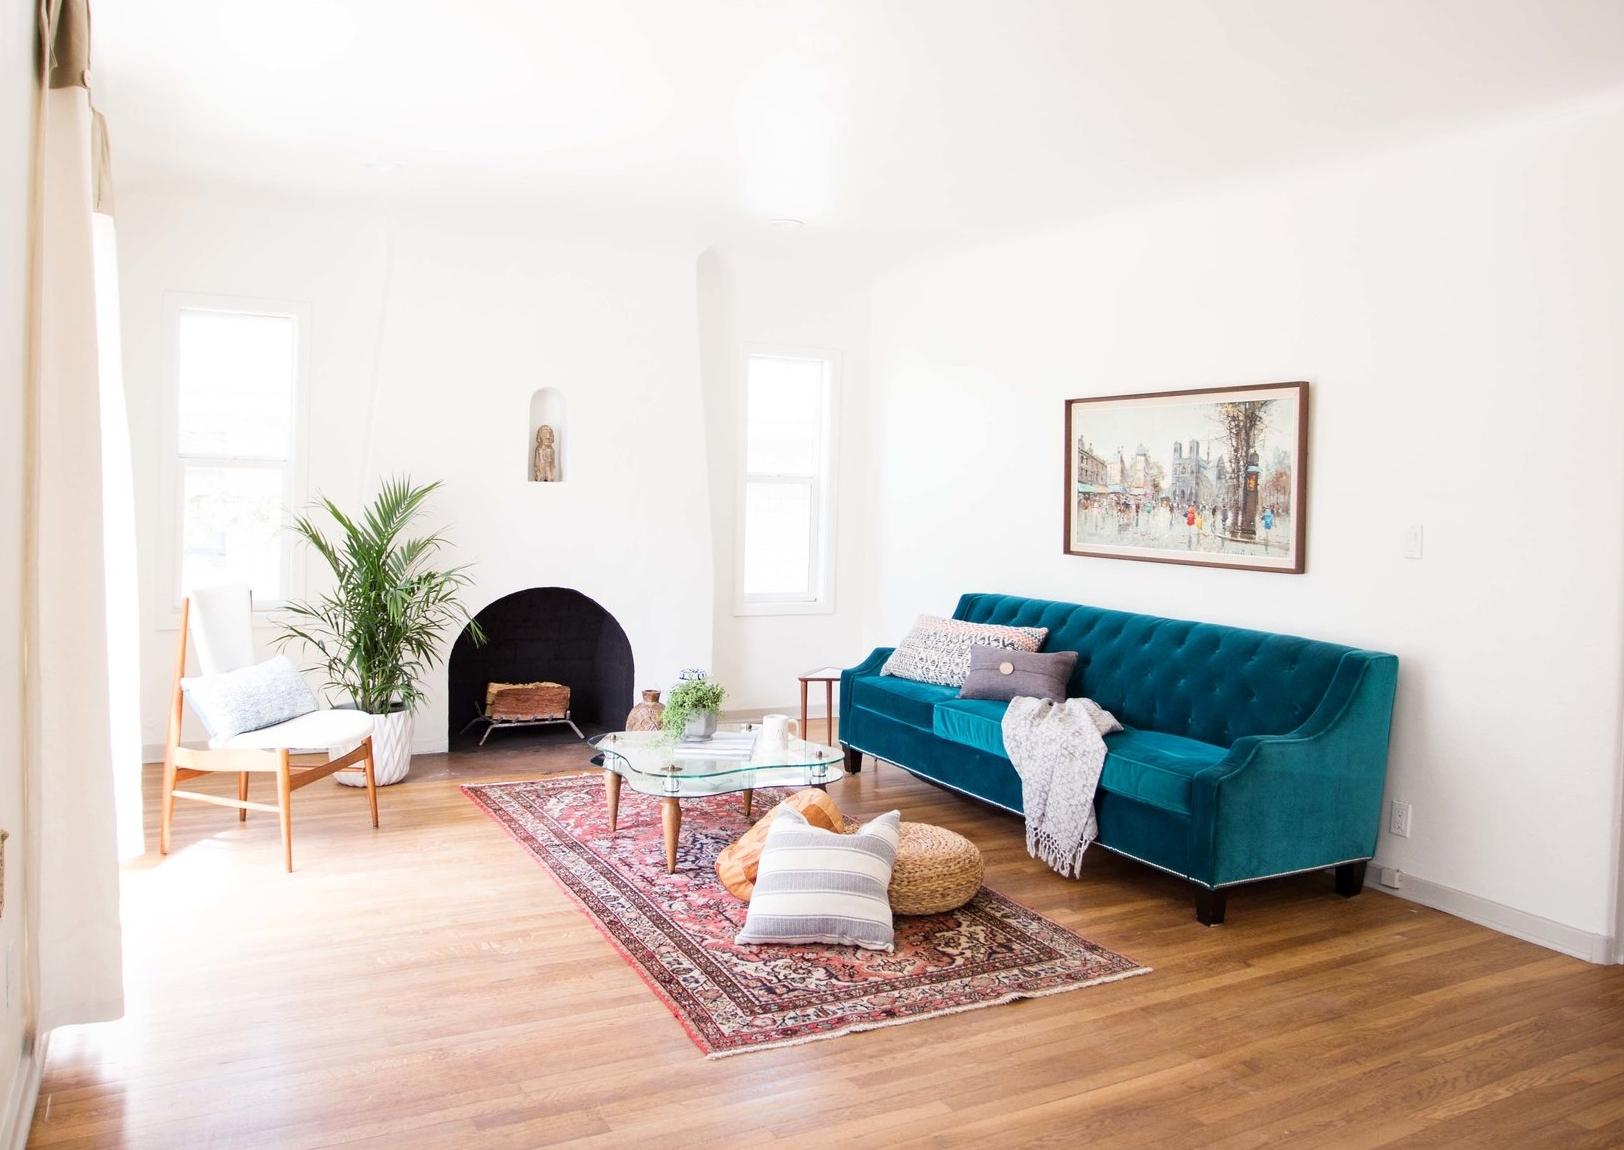 Styled turquoise sofa, hardwood floors, spanish style